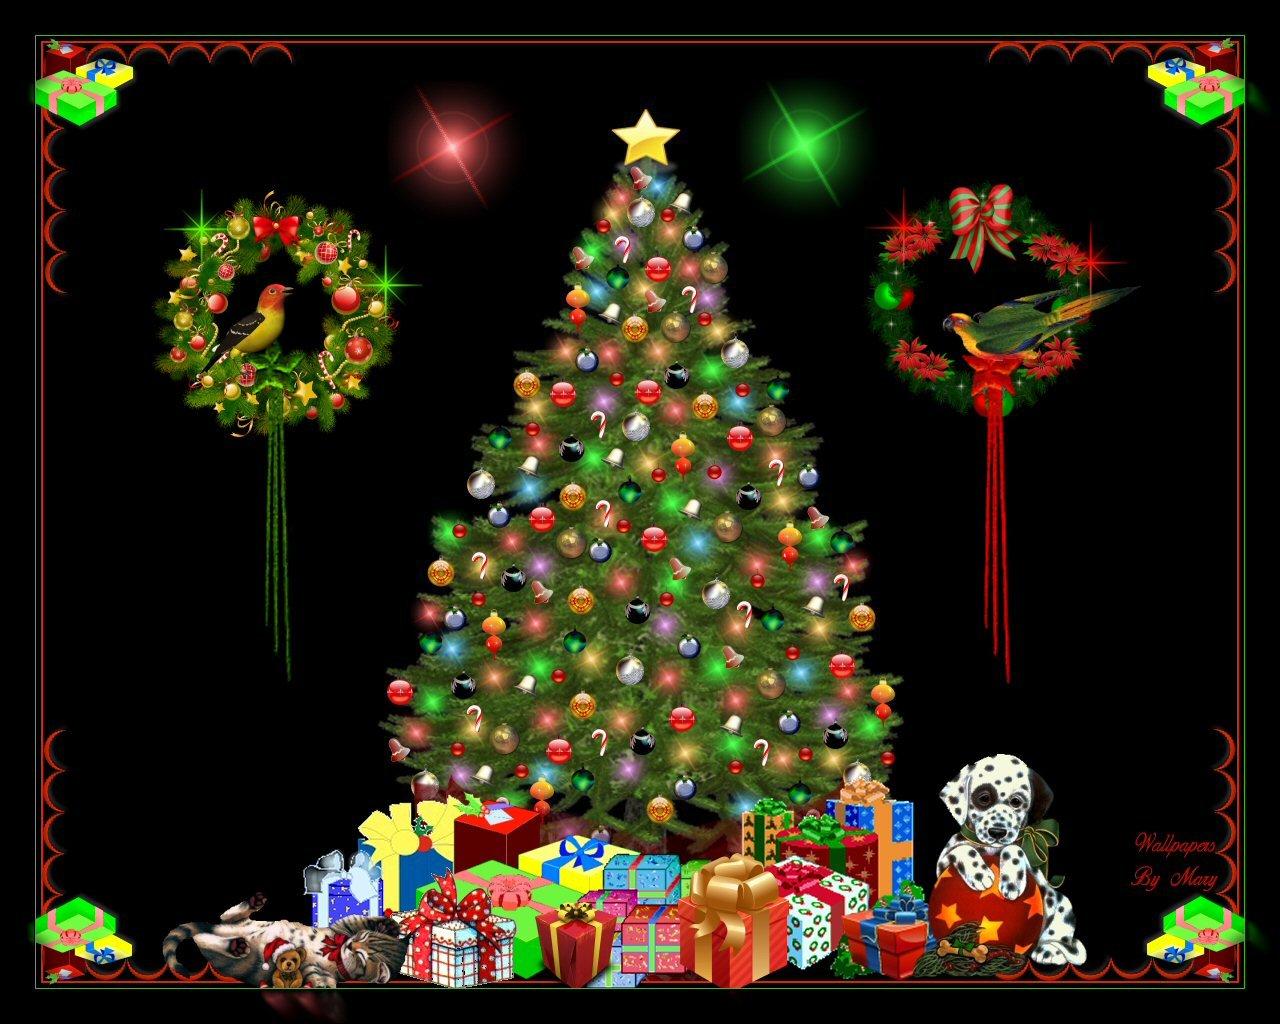 christmas tree 1280 x 1024 Wallpaper   ForWallpapercom 1280x1024